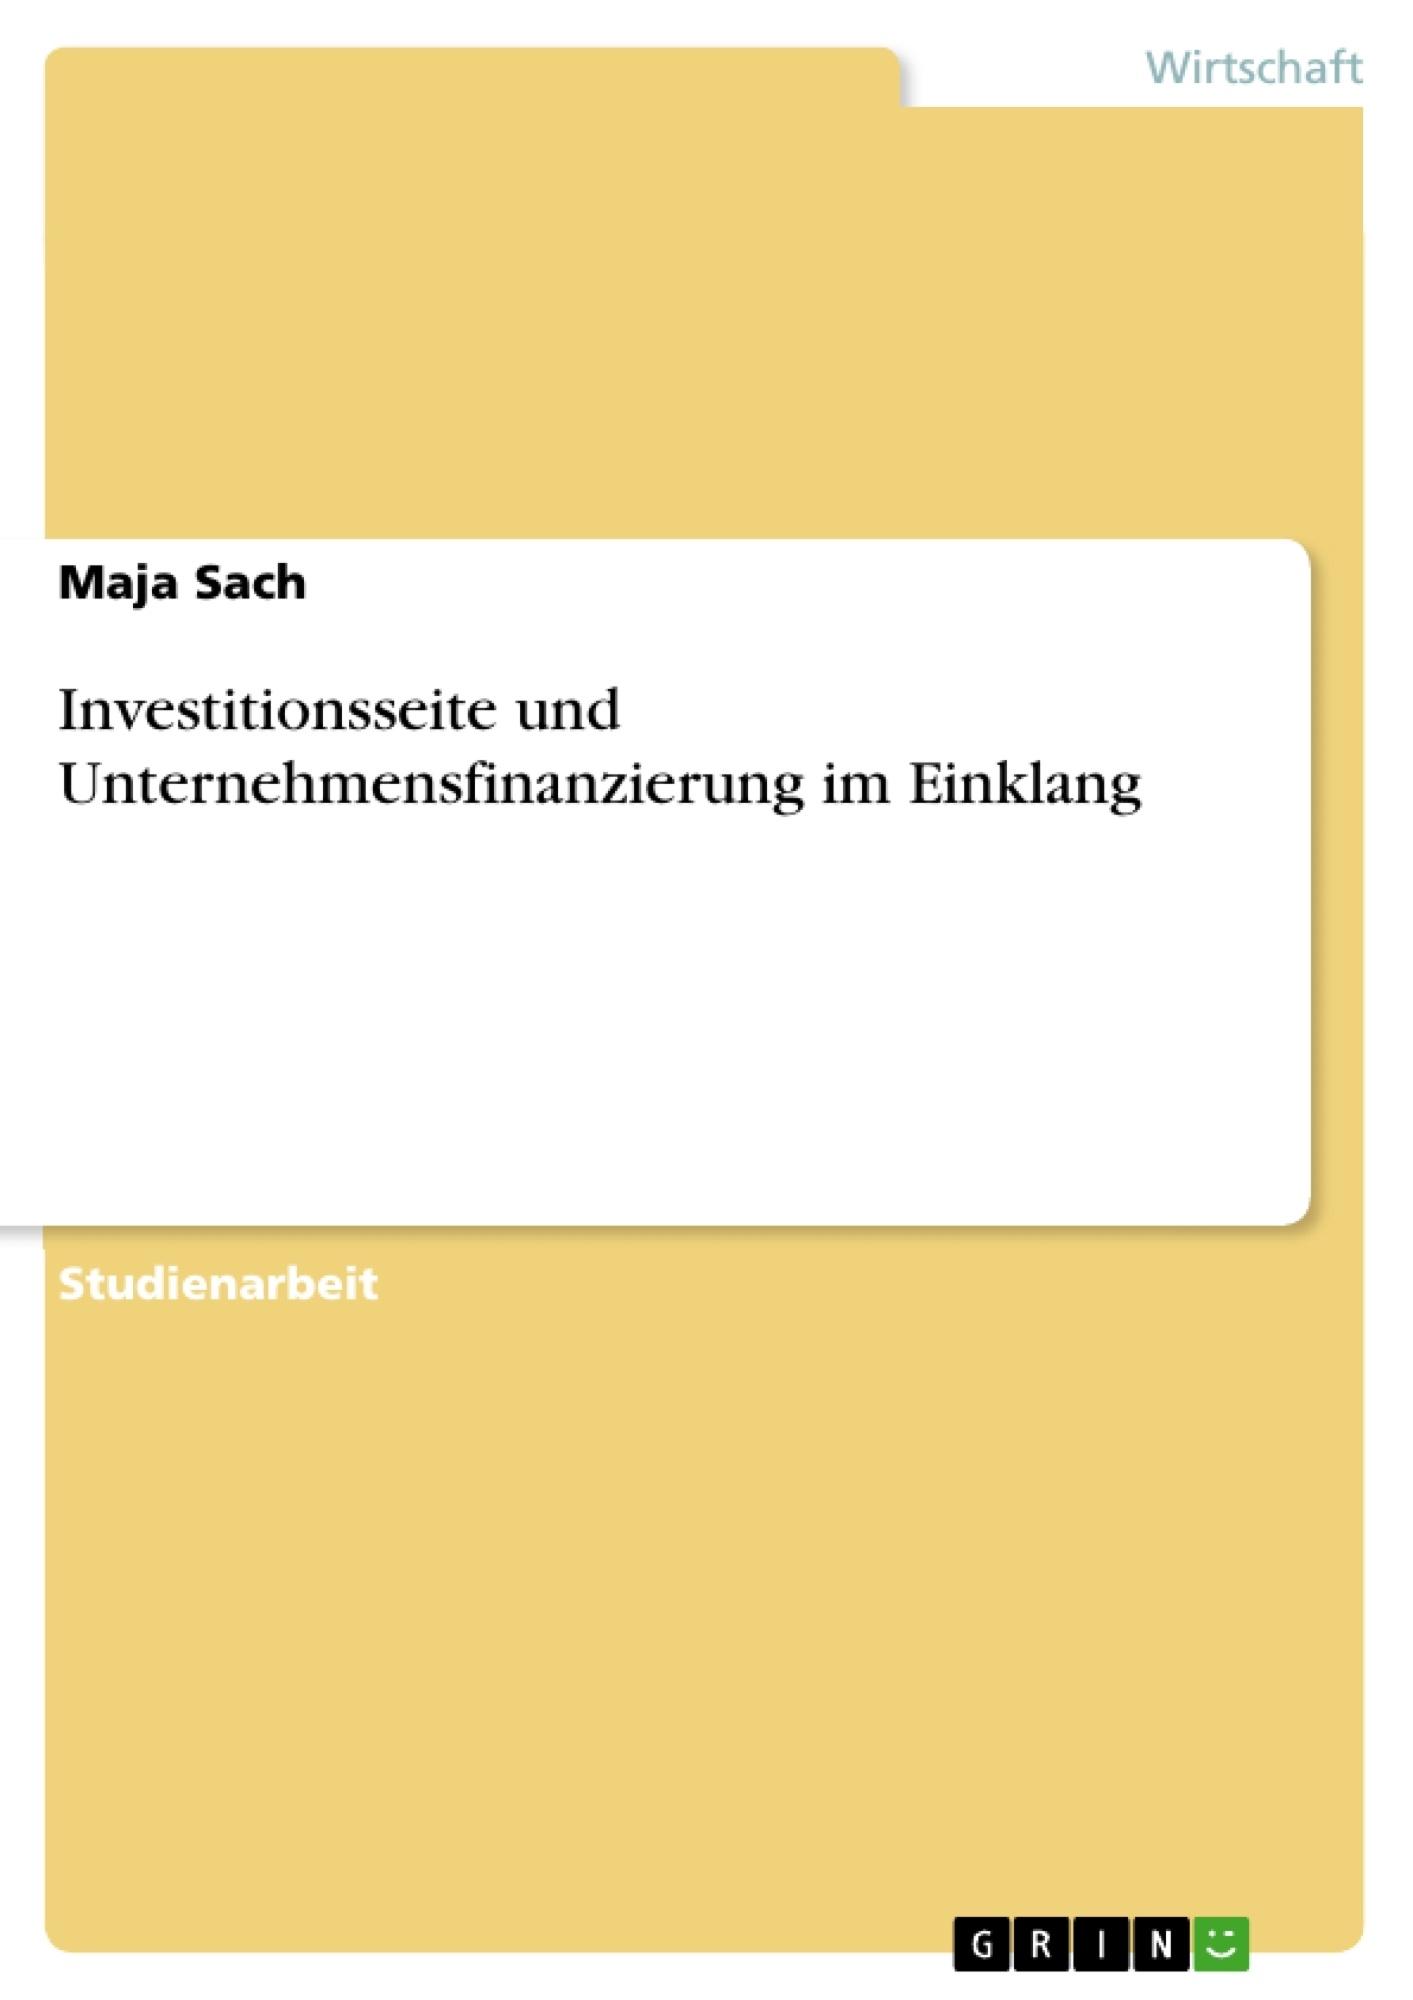 Titel: Investitionsseite und Unternehmensfinanzierung im Einklang